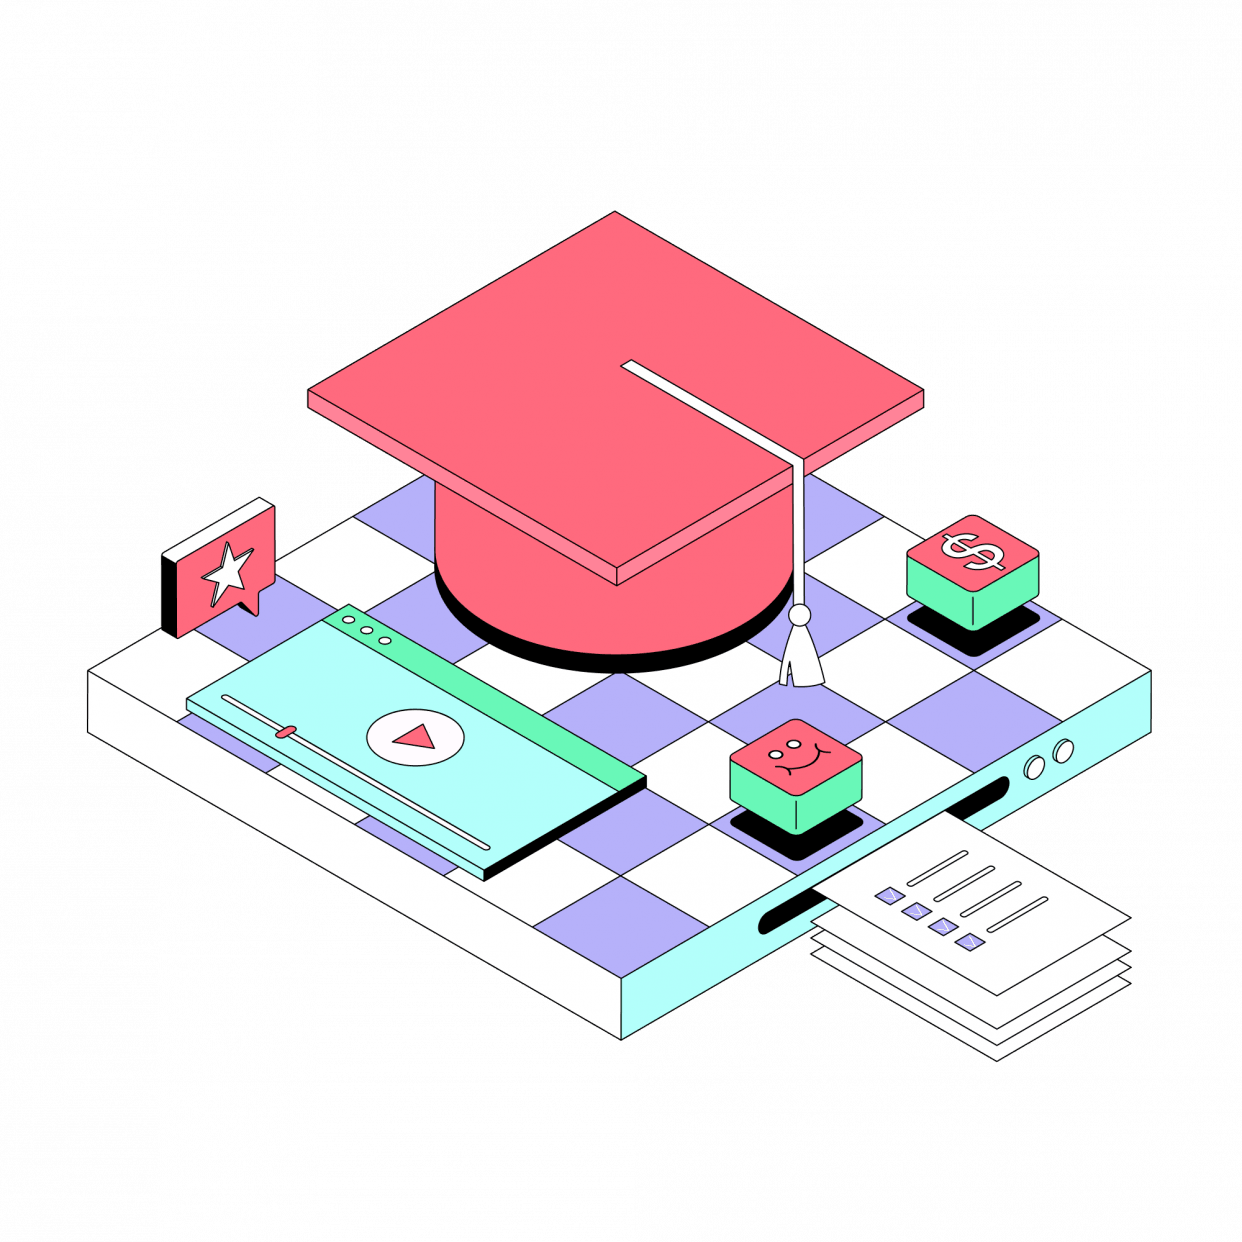 Менеджмент в онлайн-образовании